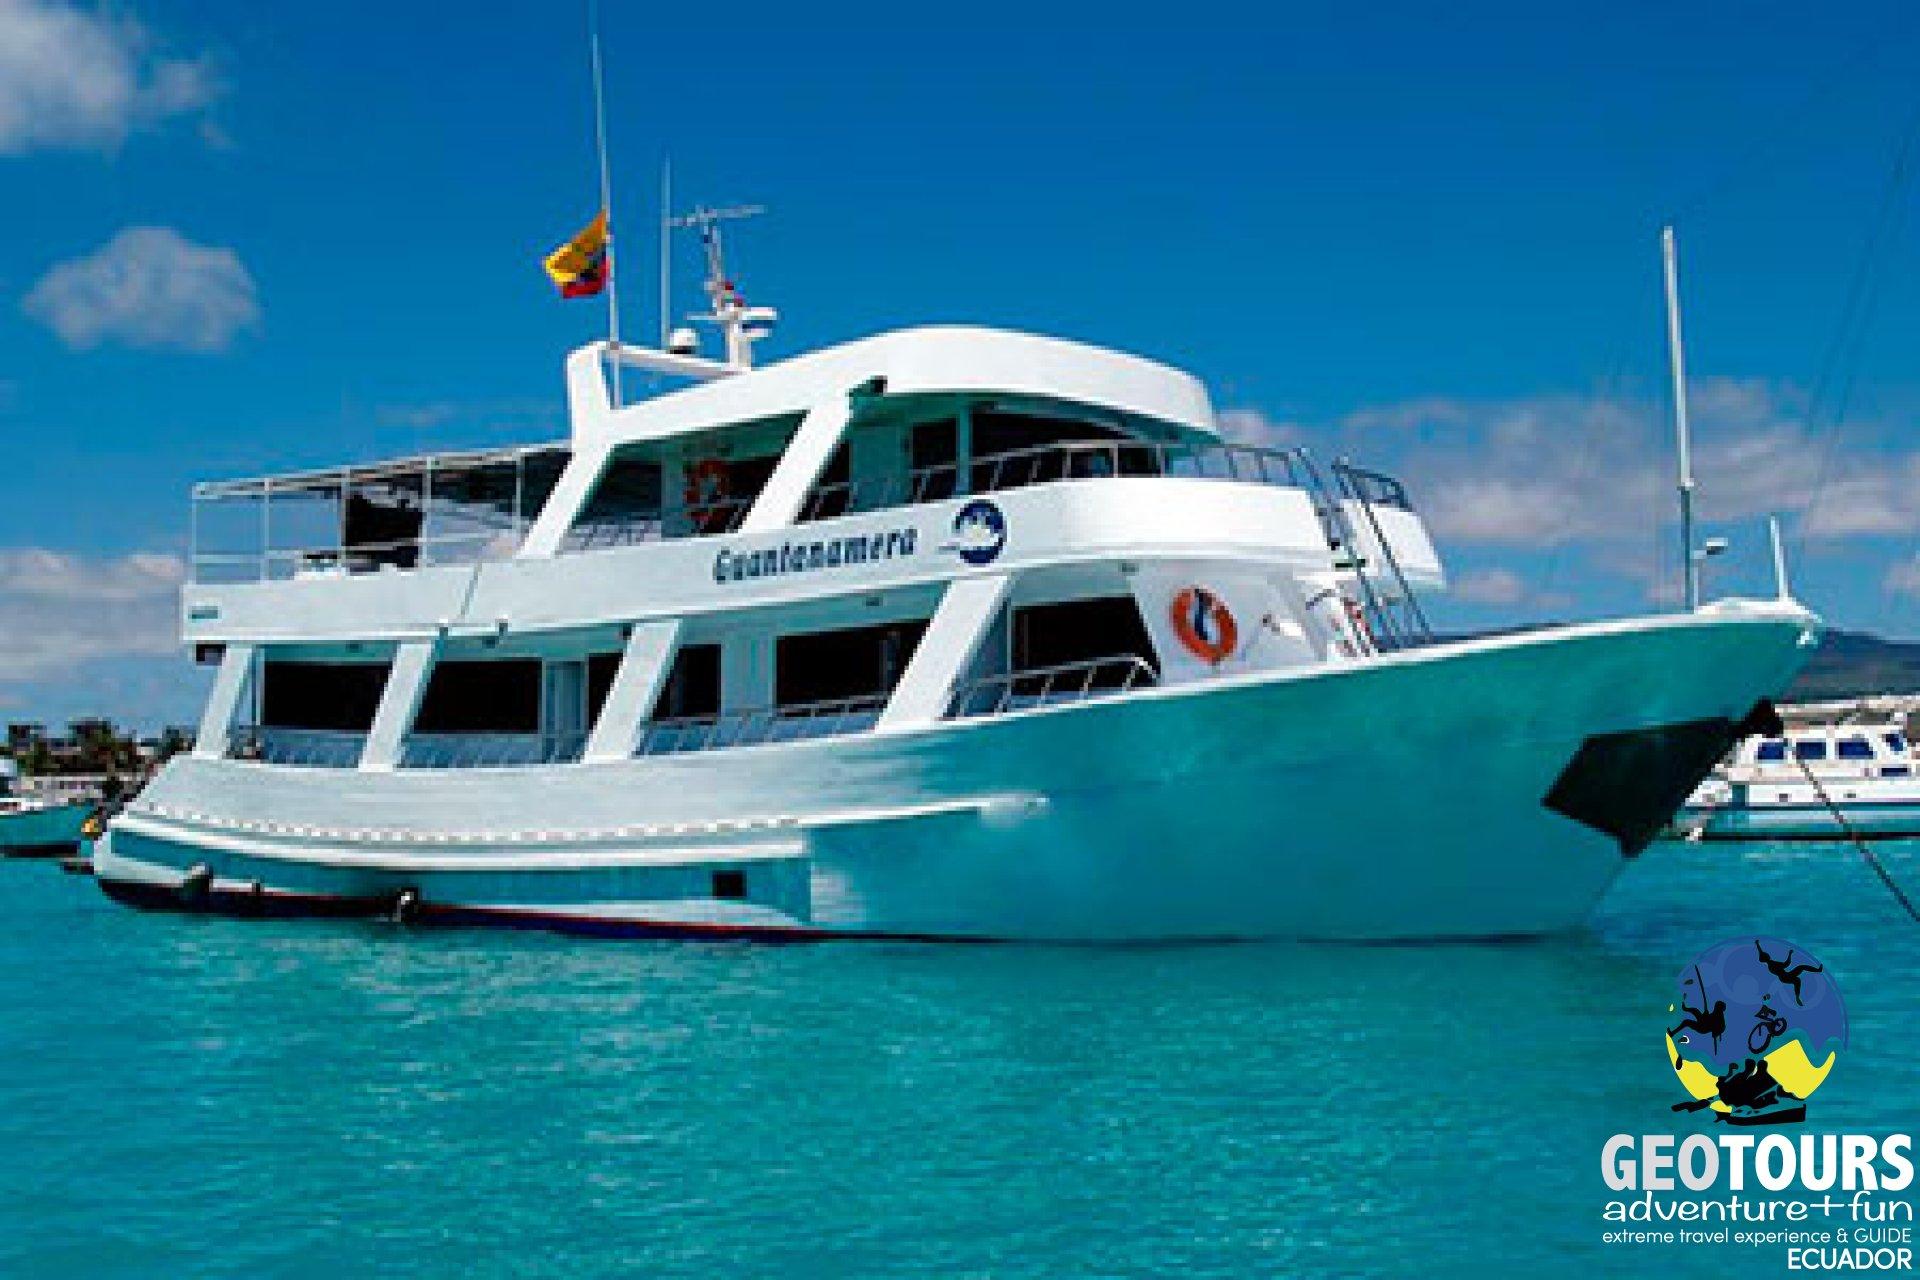 Guantanamera Yacht - Galapagos Islands